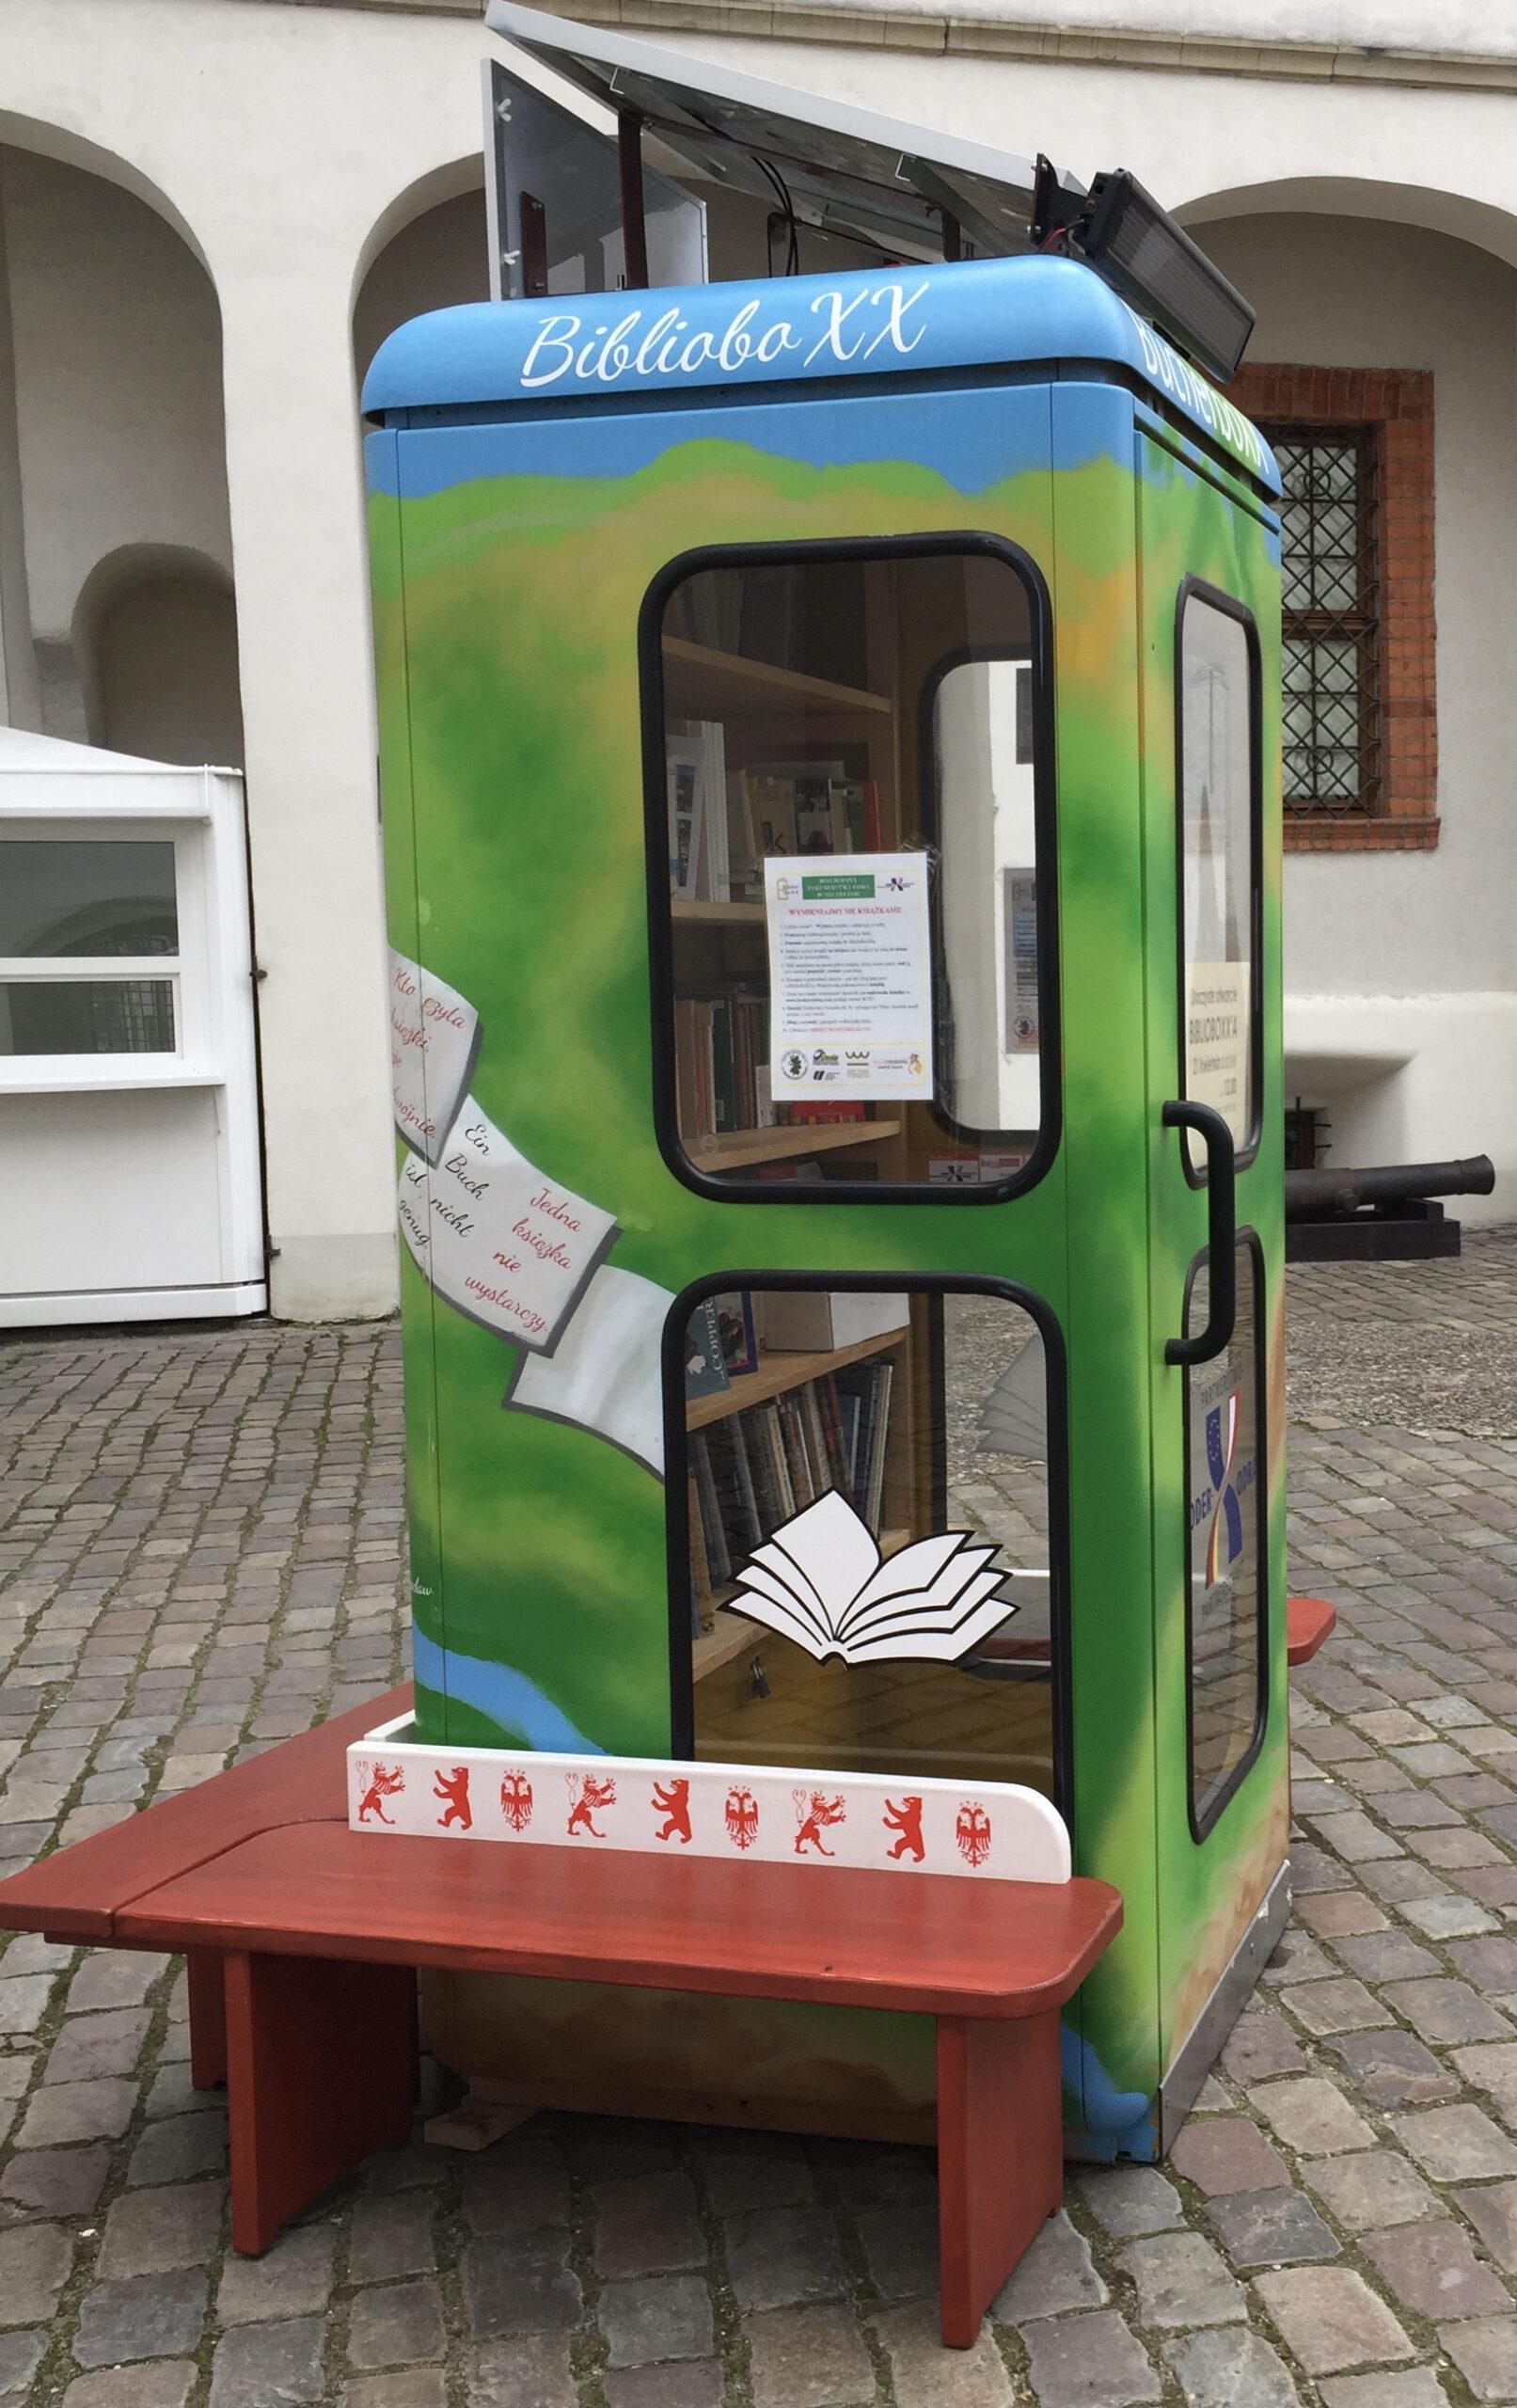 BiblioboXX Oder-Partnerschaft Stettin